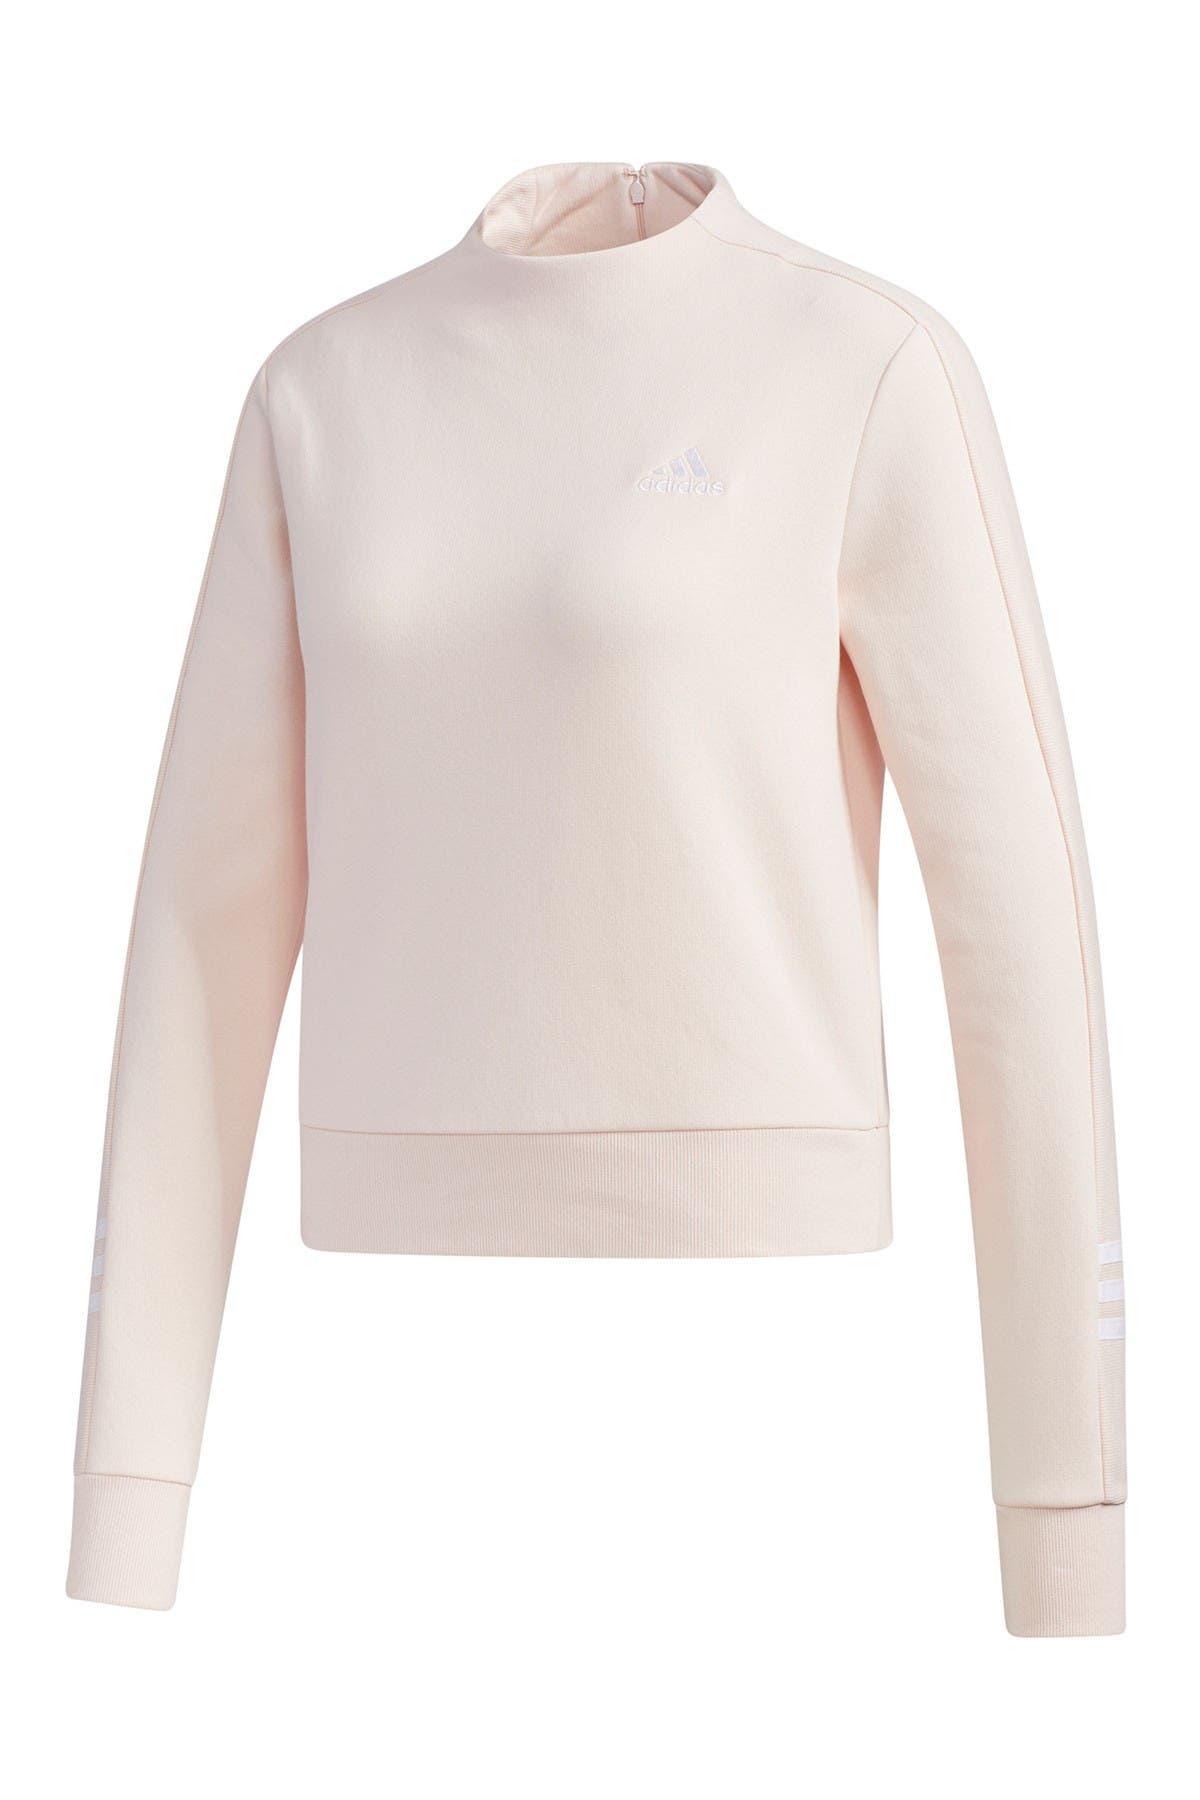 Image of adidas Mock Neck Sweater